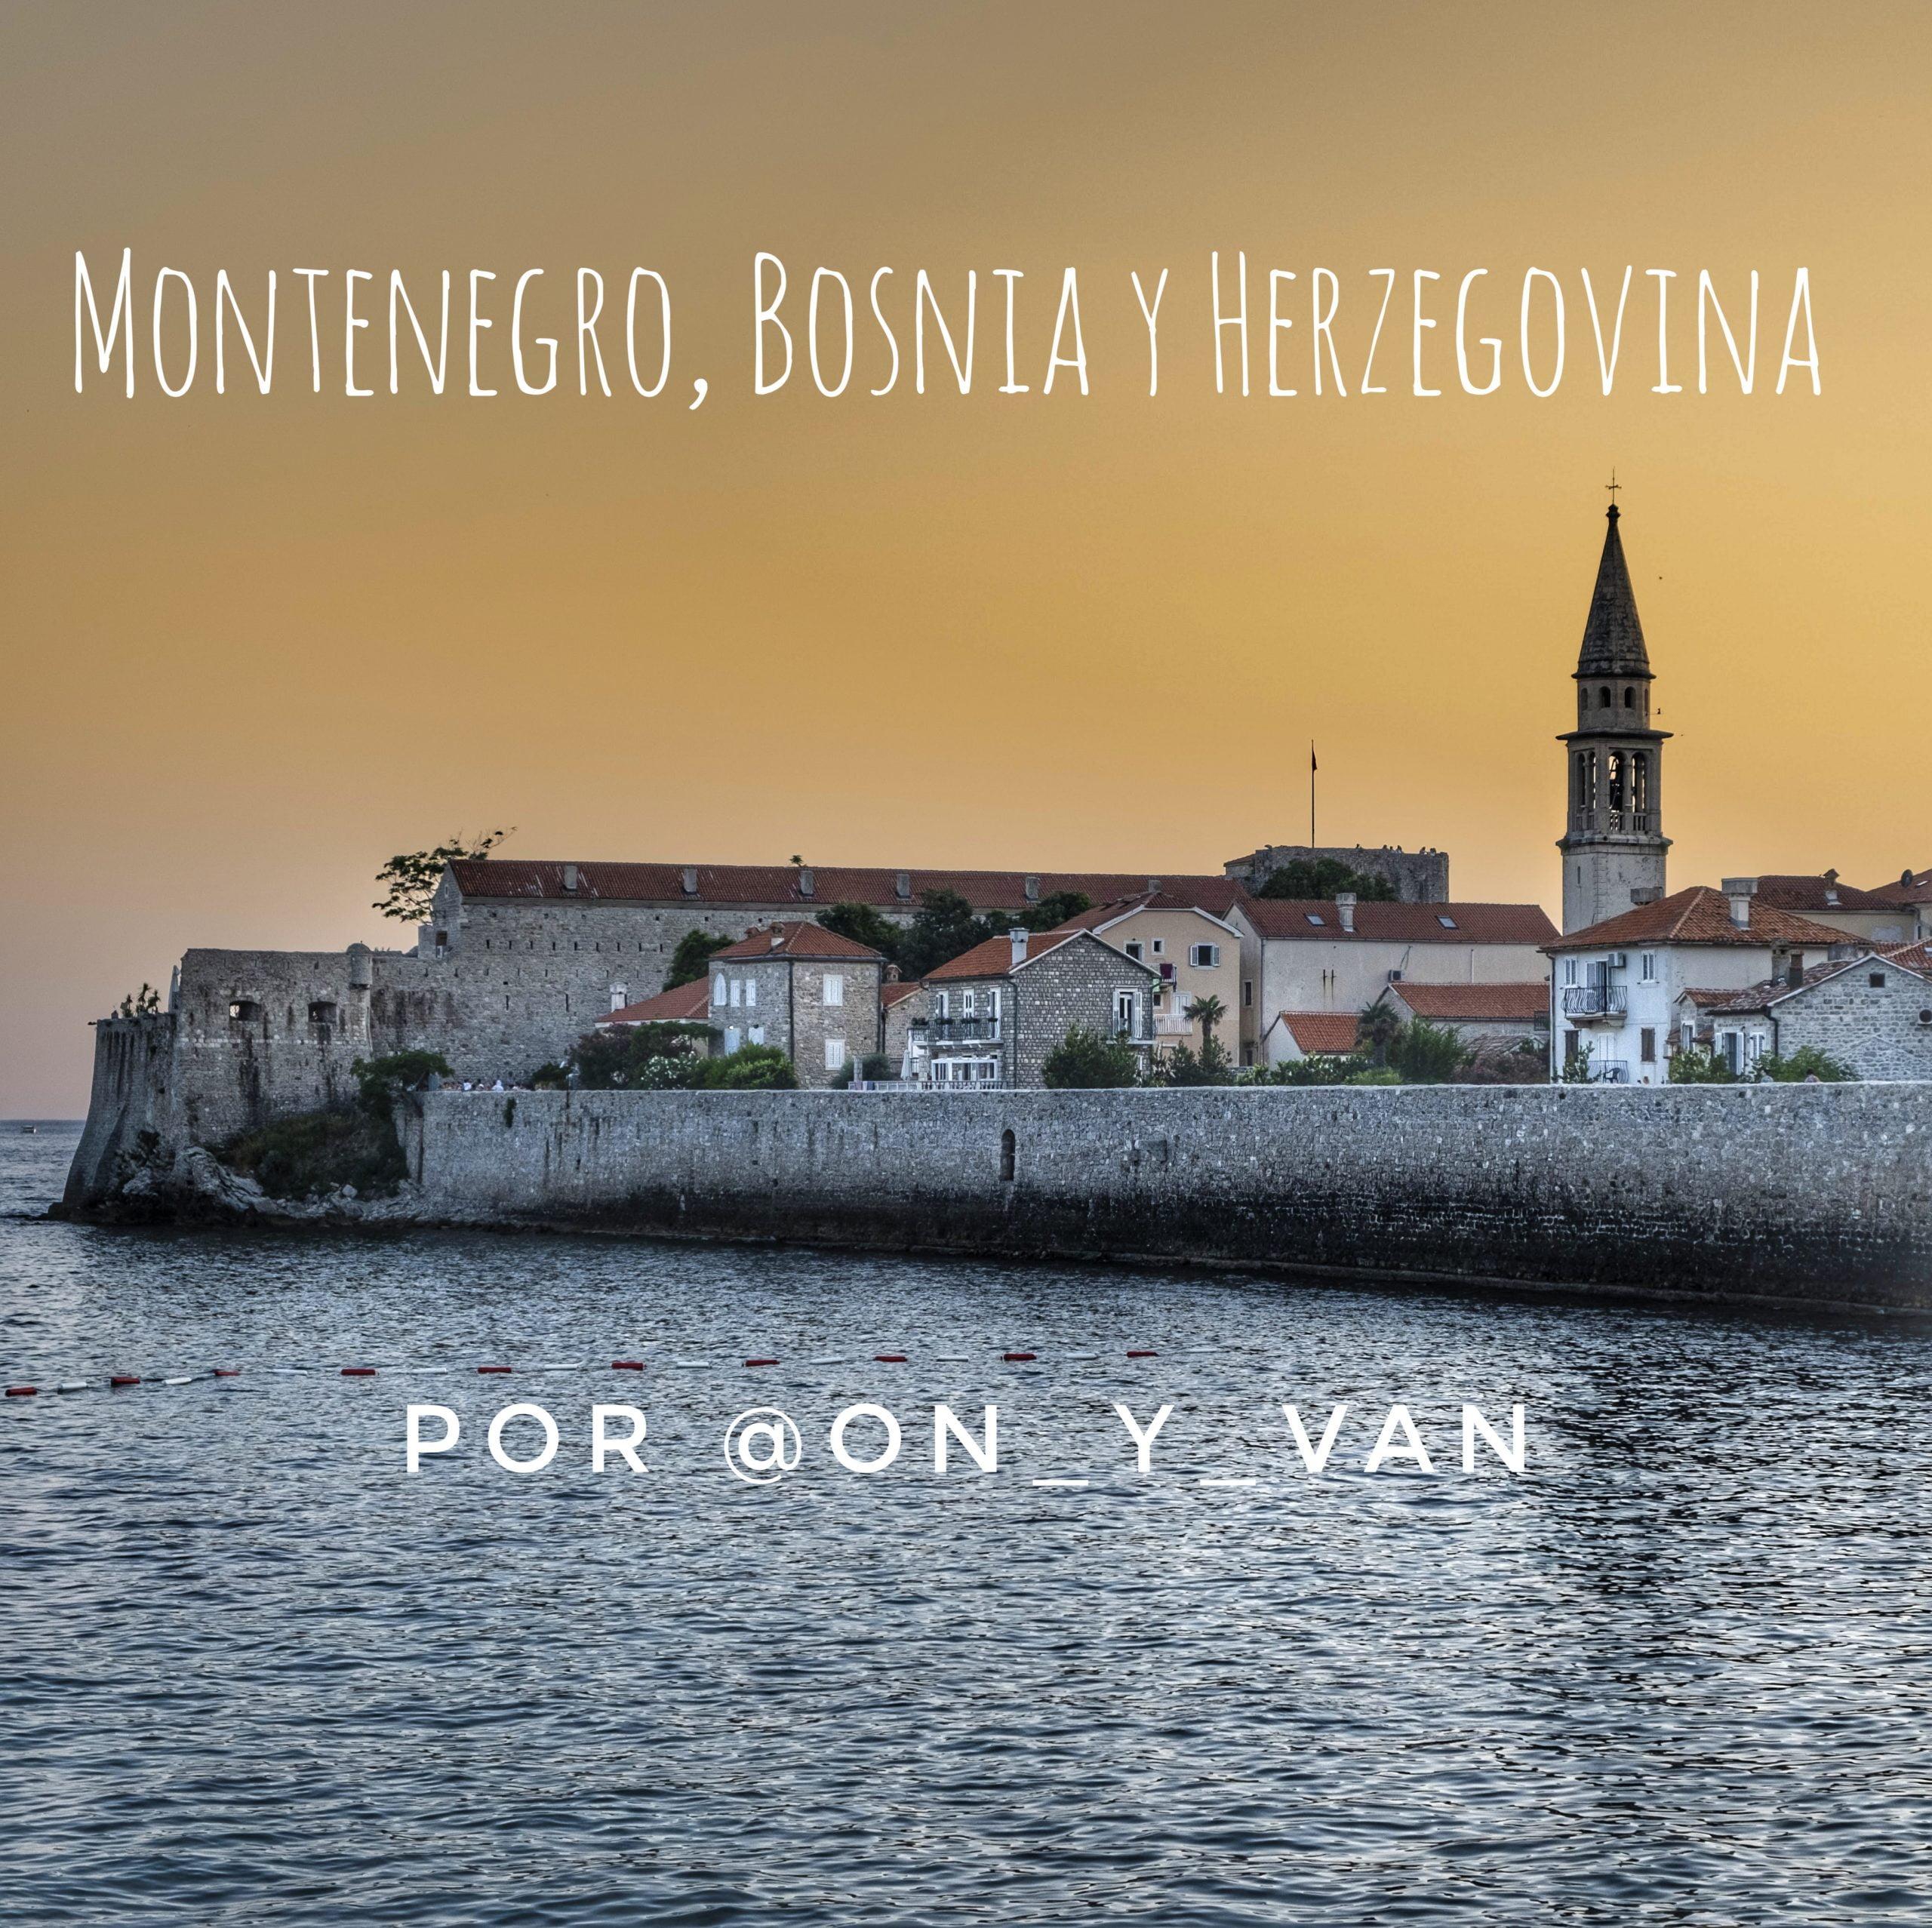 Route au-delà des Balkans typiques: Monténégro, Bosnie-Herzégovine par @on_y_van